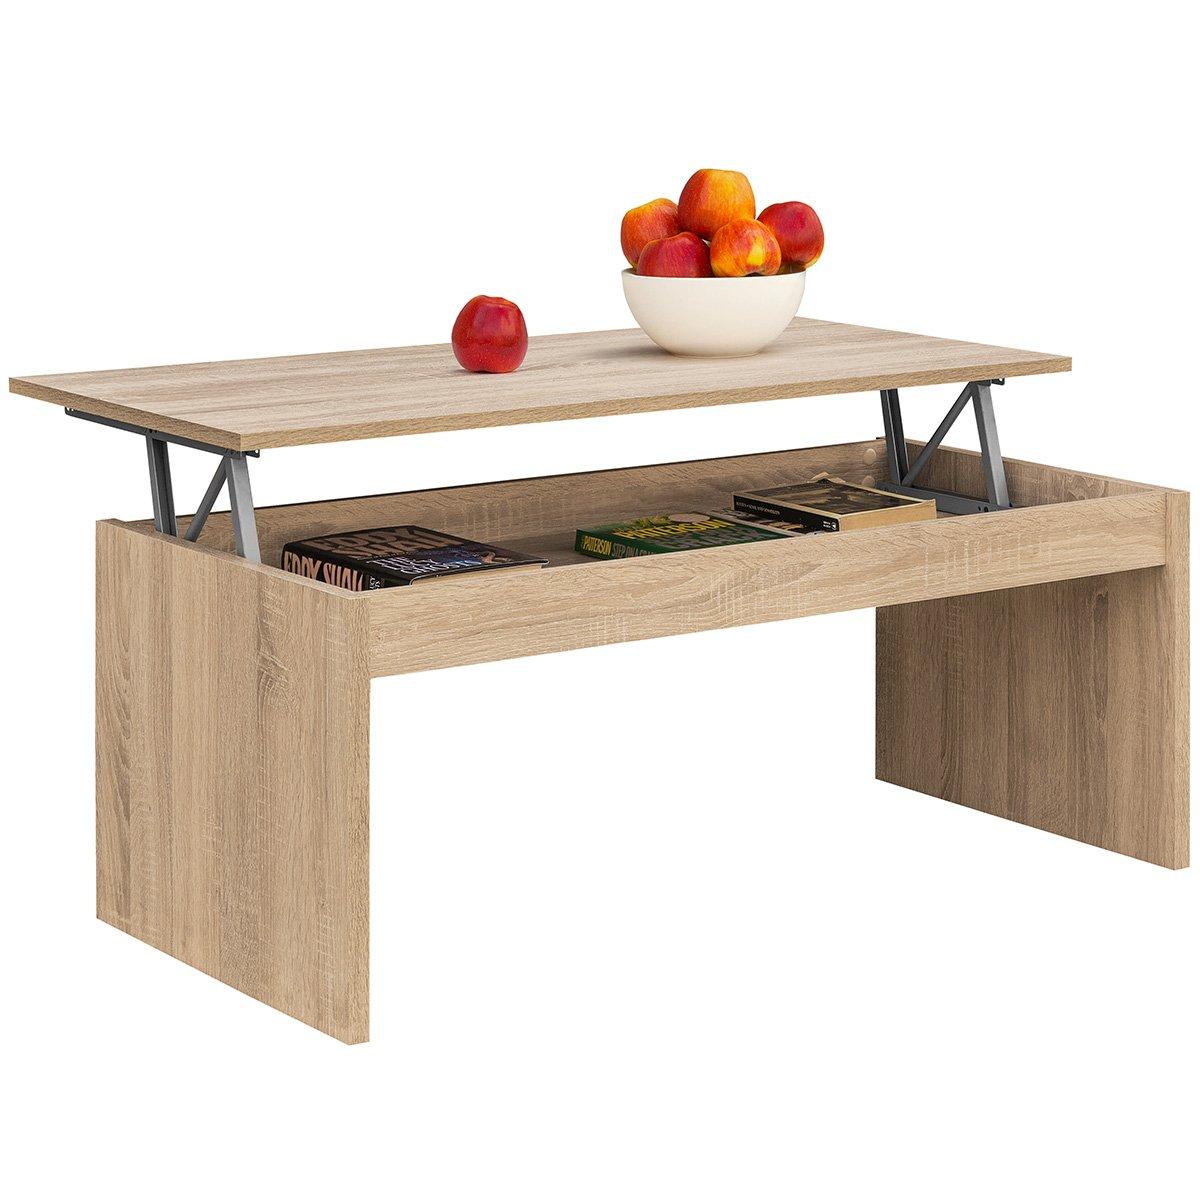 COMIFORT tavolo da salotto Oralia moderno tavolino da caffè Pranzo o salotto, 1,02x 50,2x 43/52 bianco